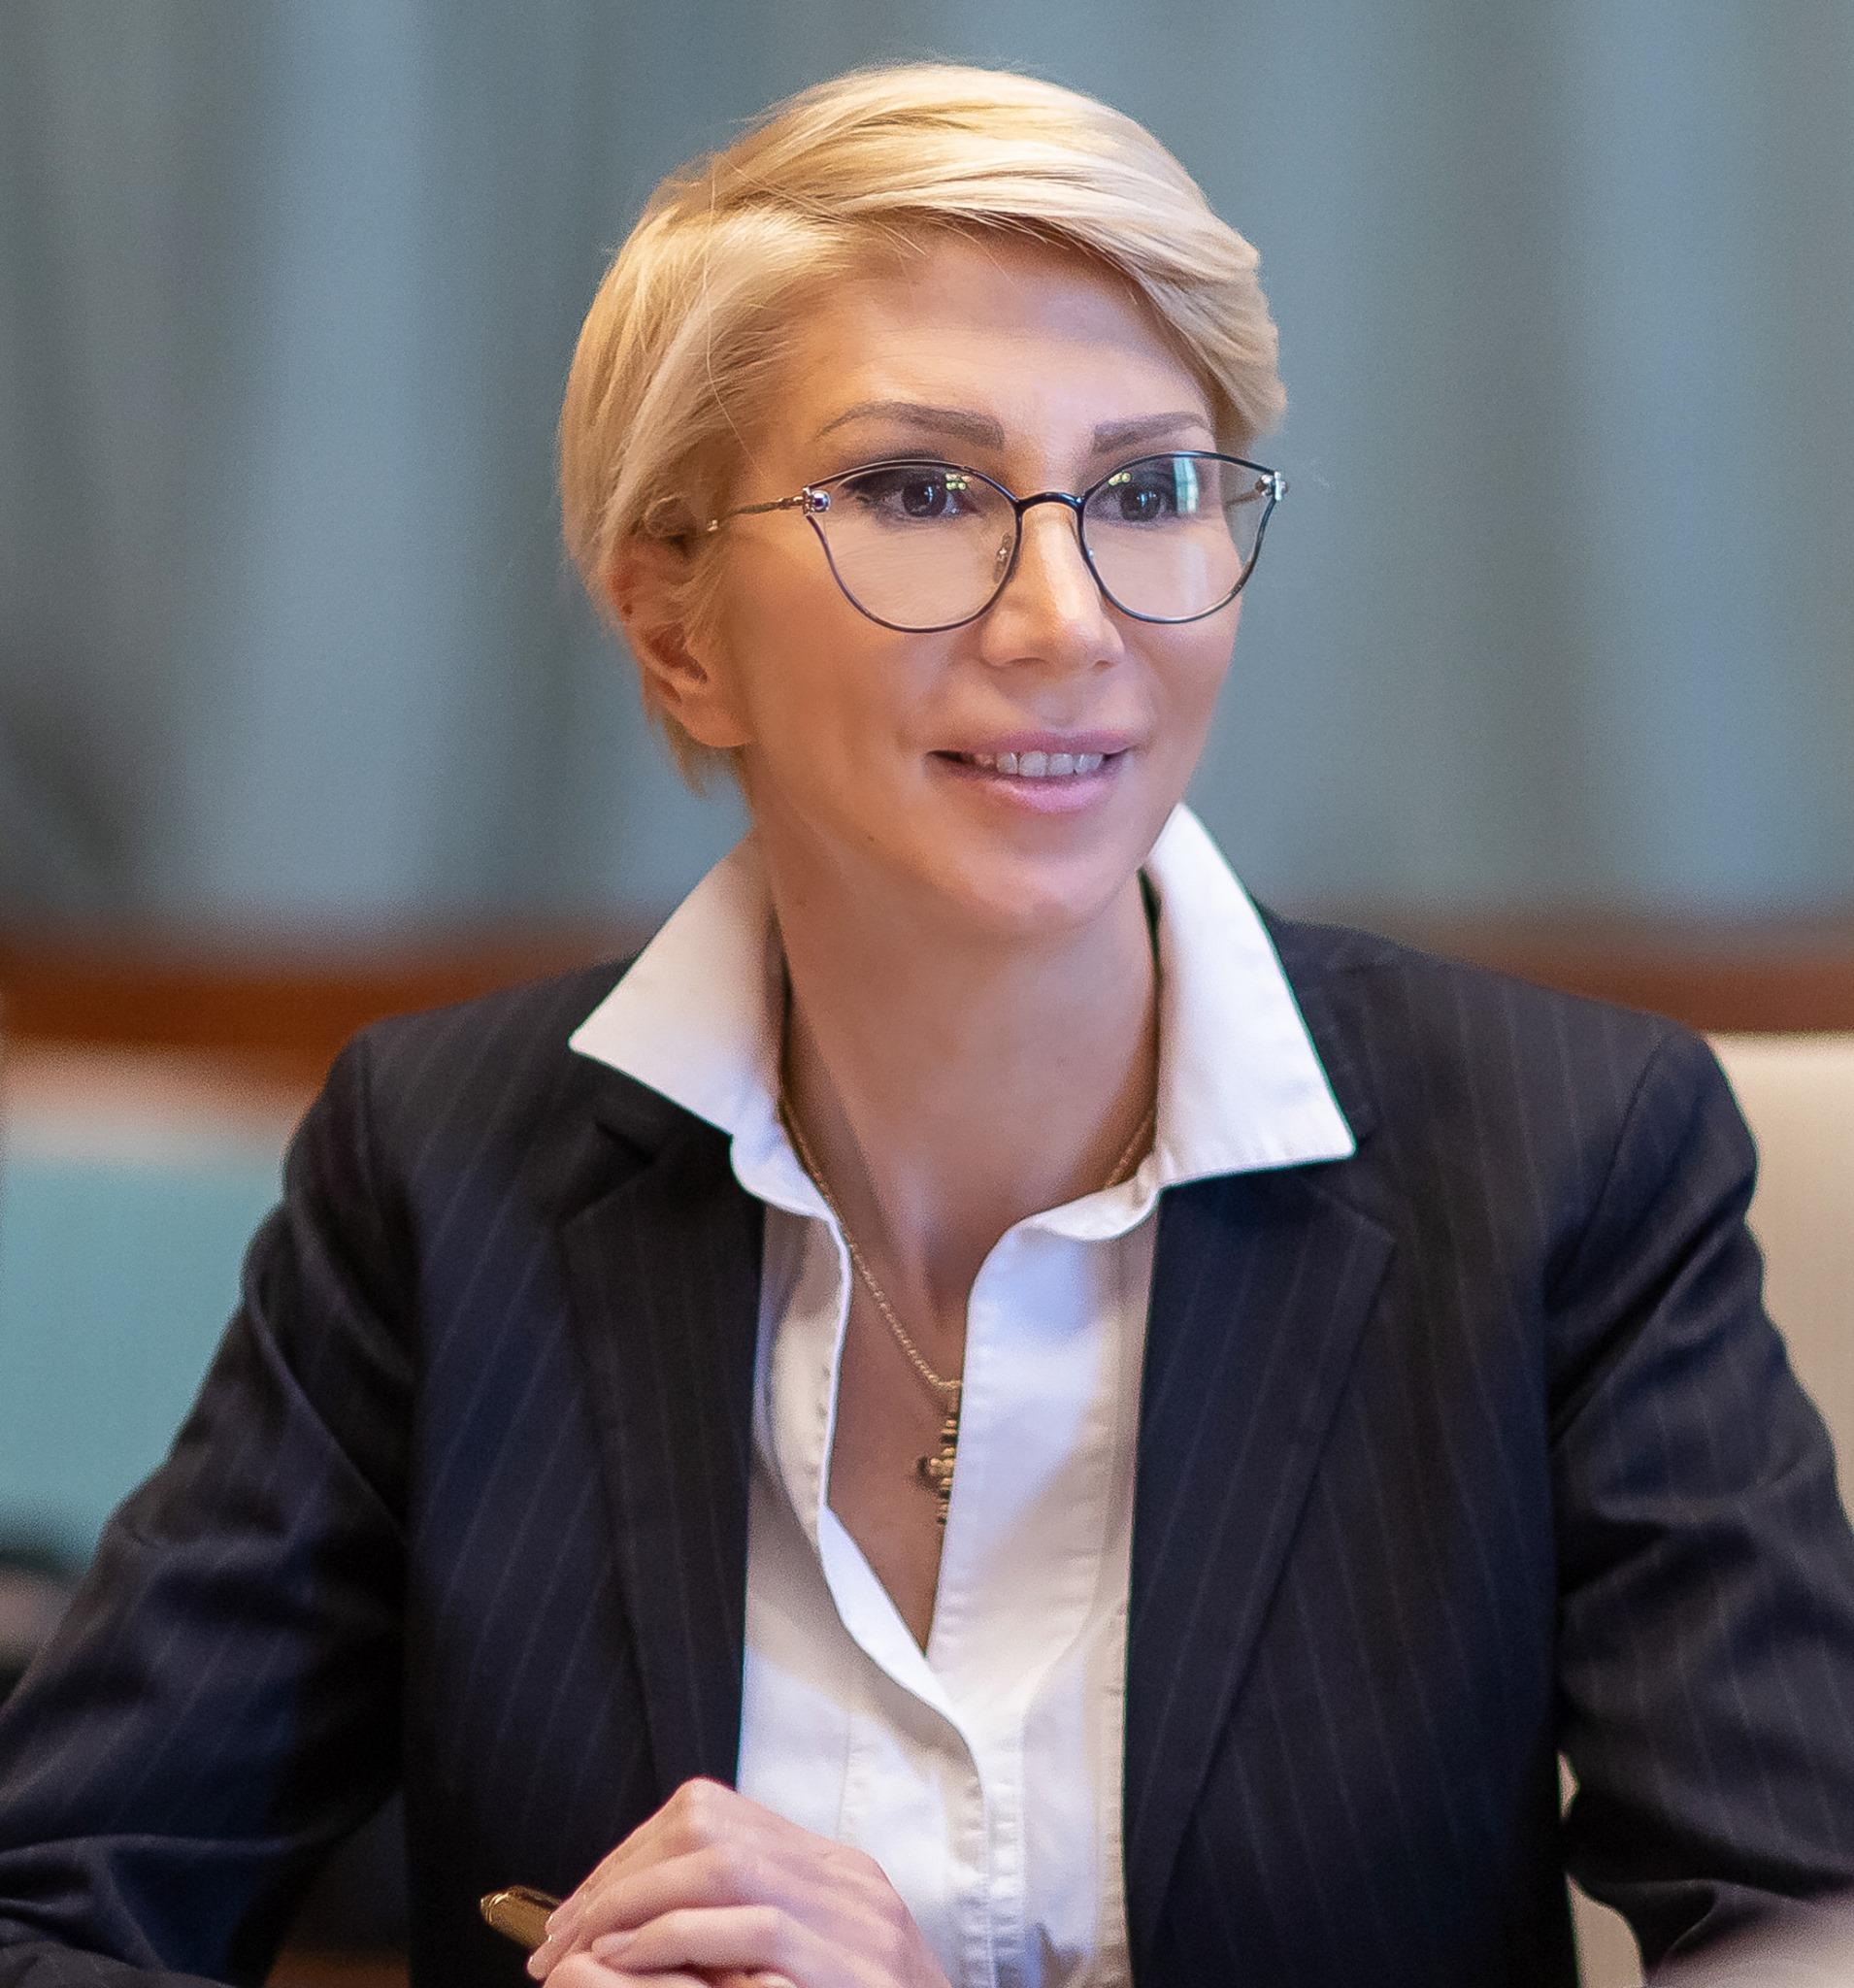 Guvernul sprijină micii întreprinzători: a fost lansat primul grant pentru antreprenori, în valoare de 100 milioane euro